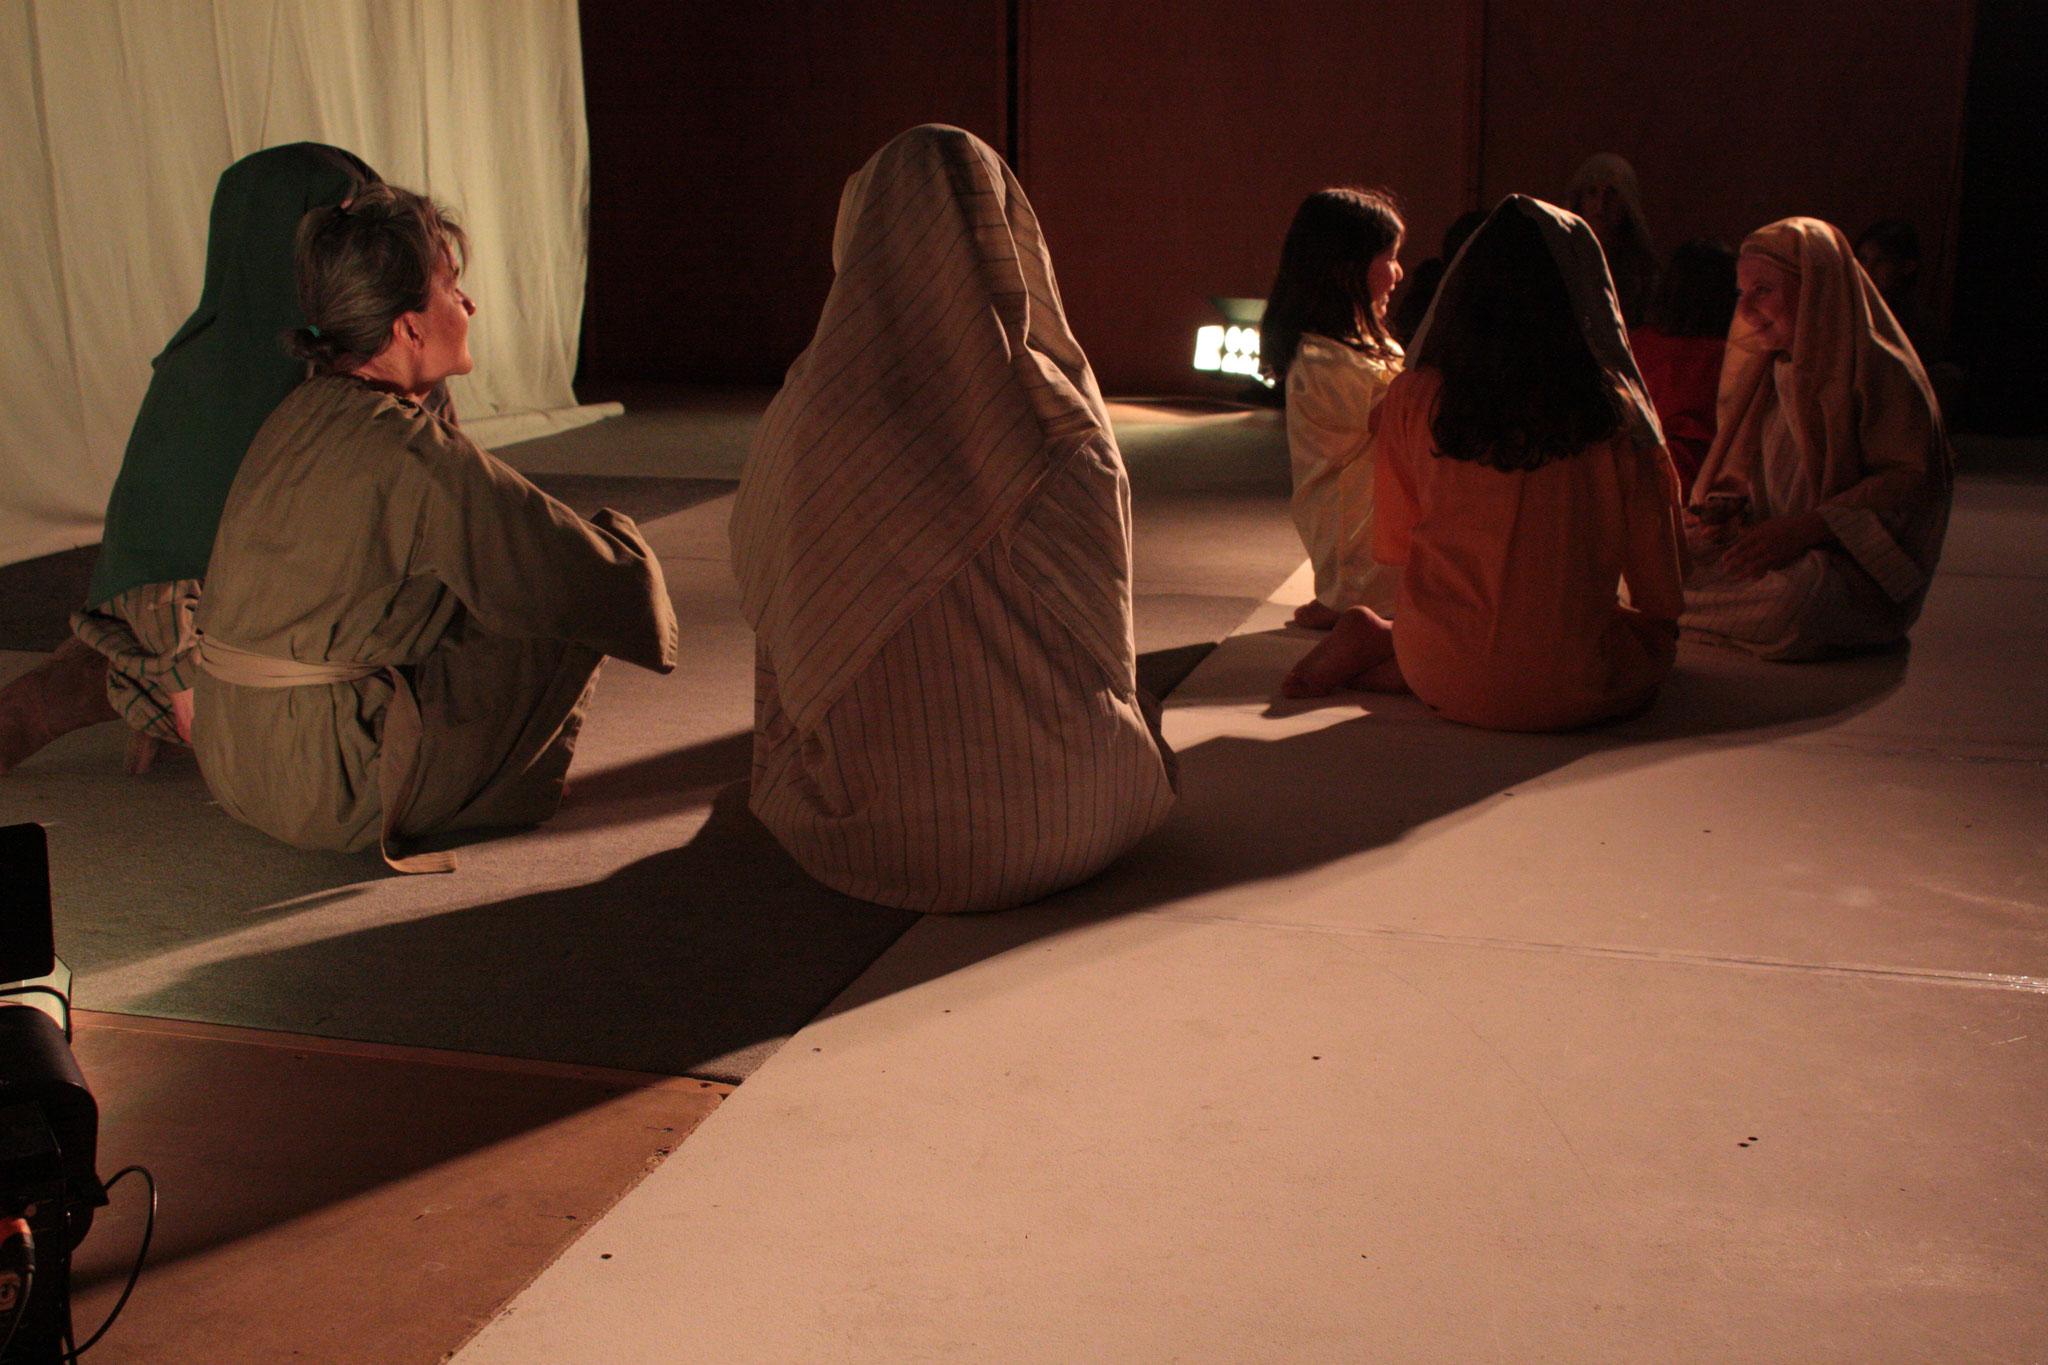 Les vierges sages et les vierges folles - photo JDR